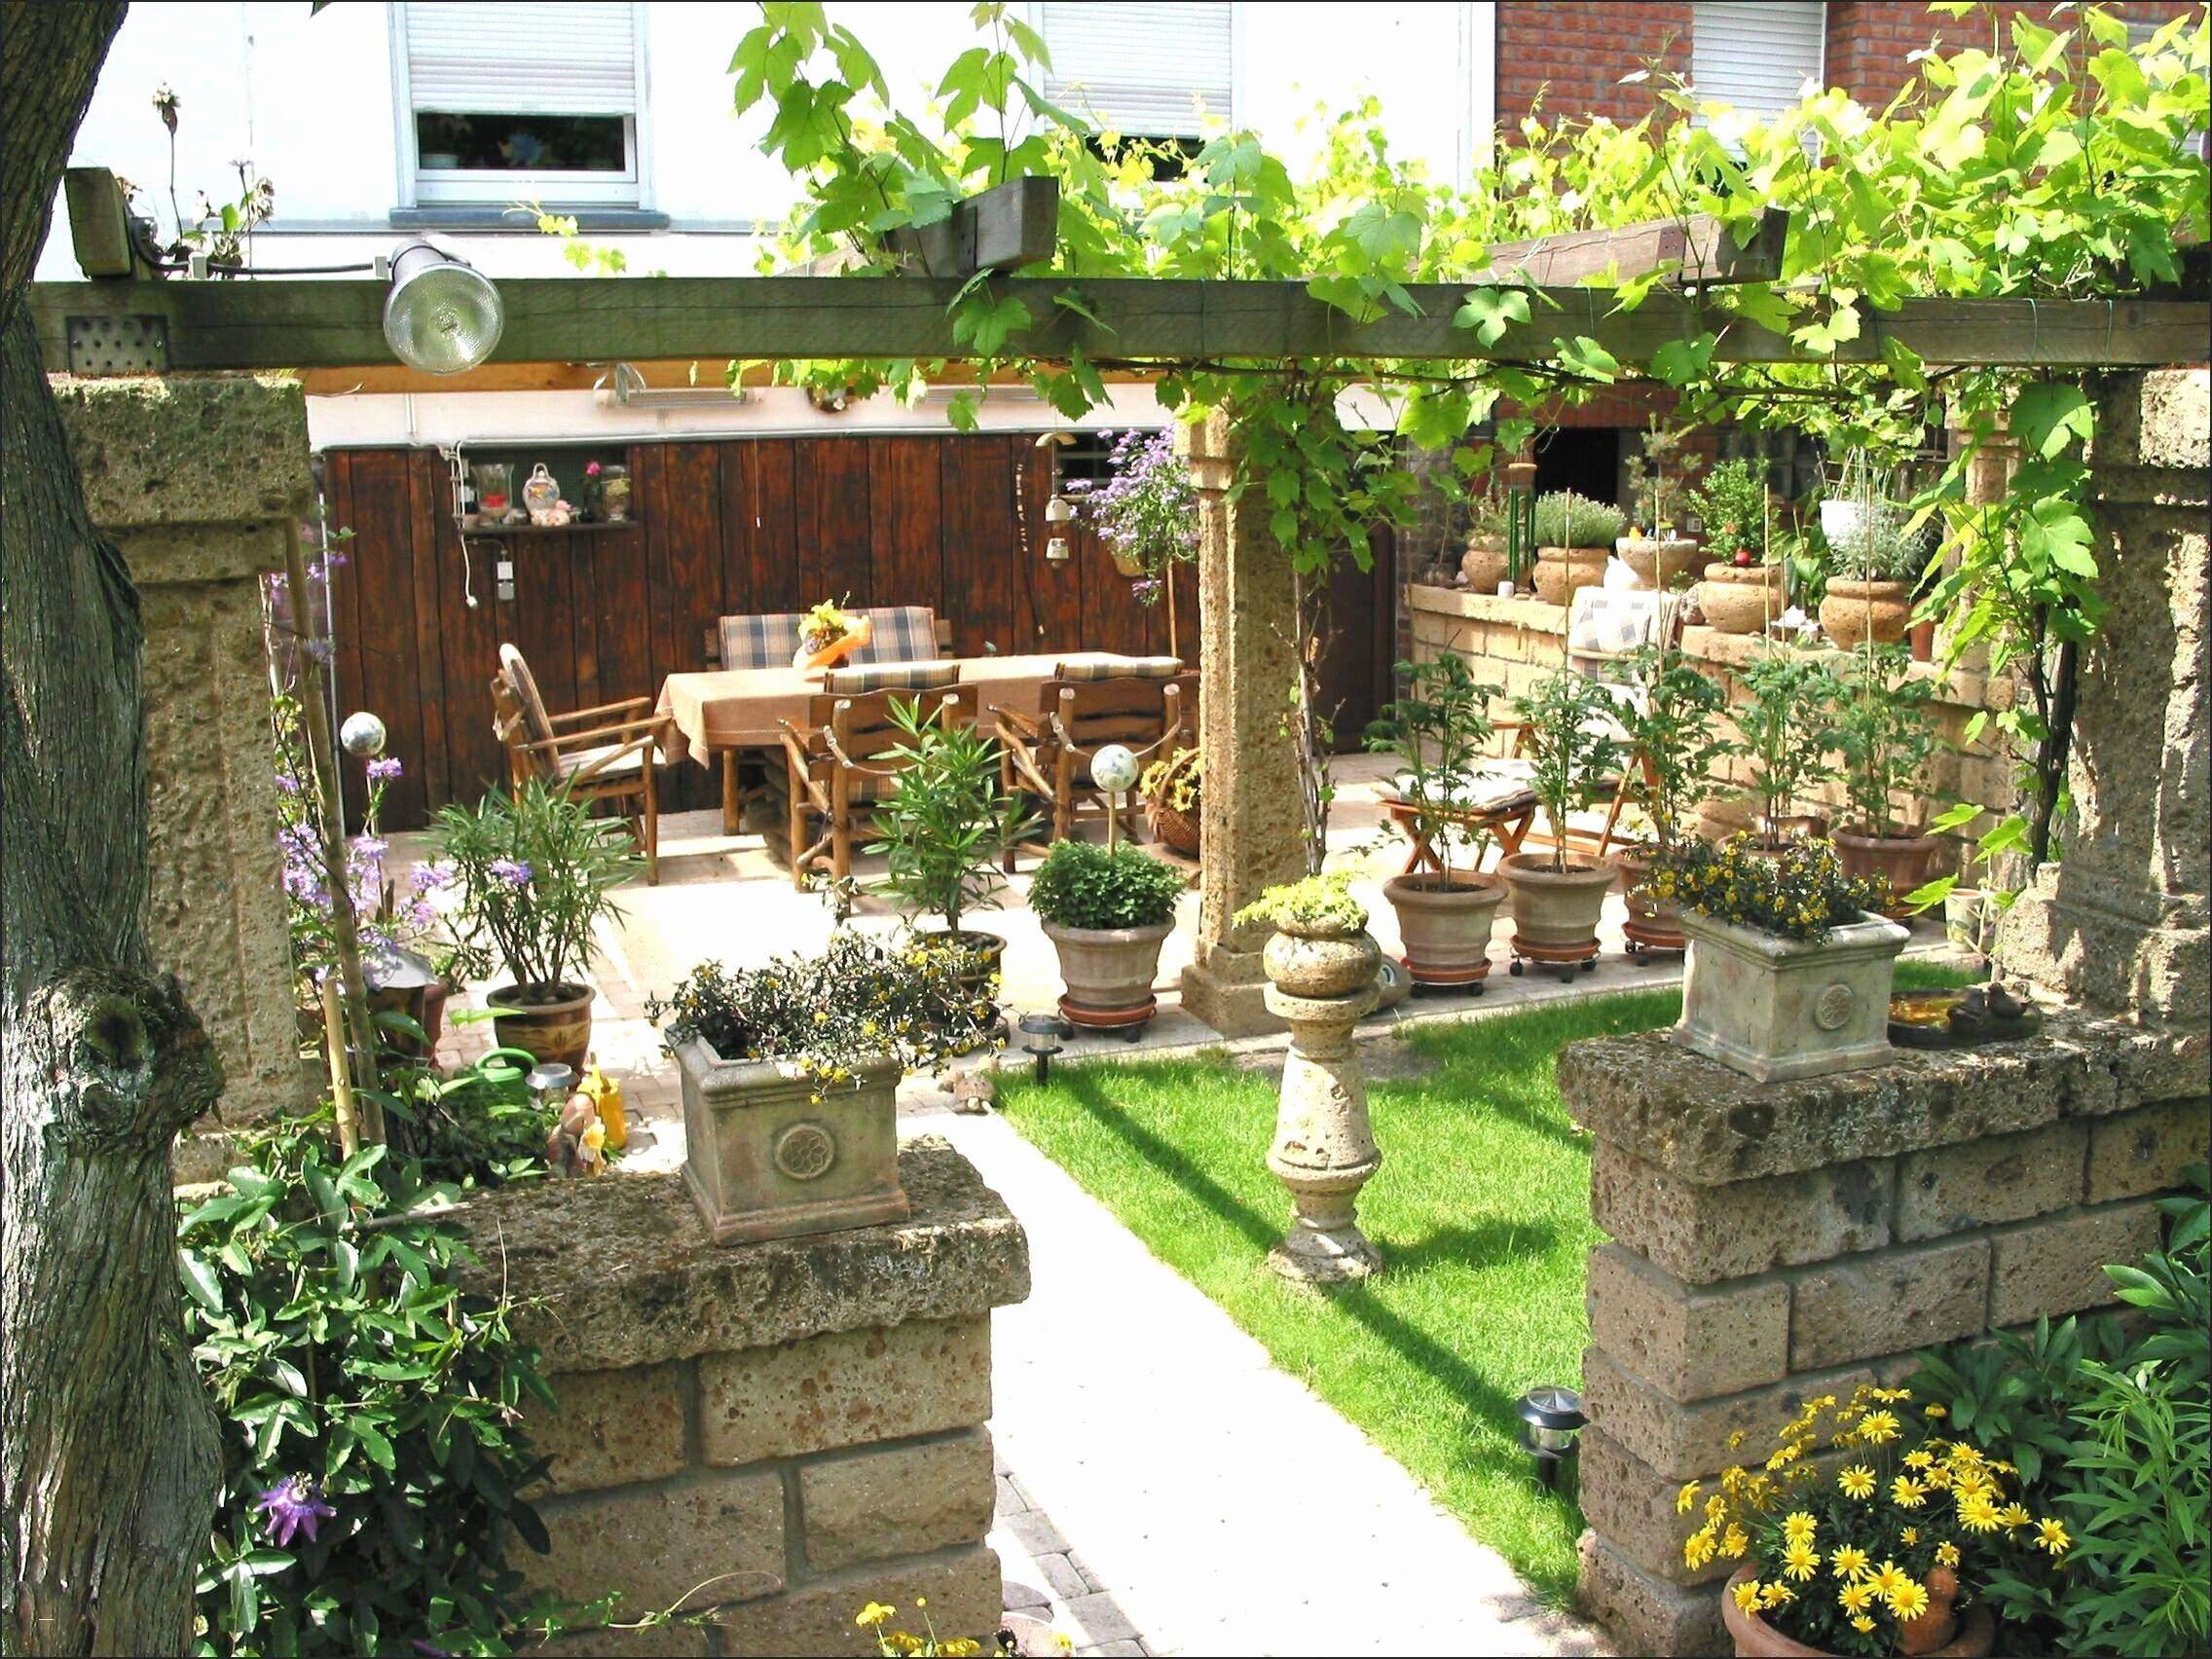 garten mediterran gestalten schon 46 inspirierend terrassen beispiele garten of garten mediterran gestalten